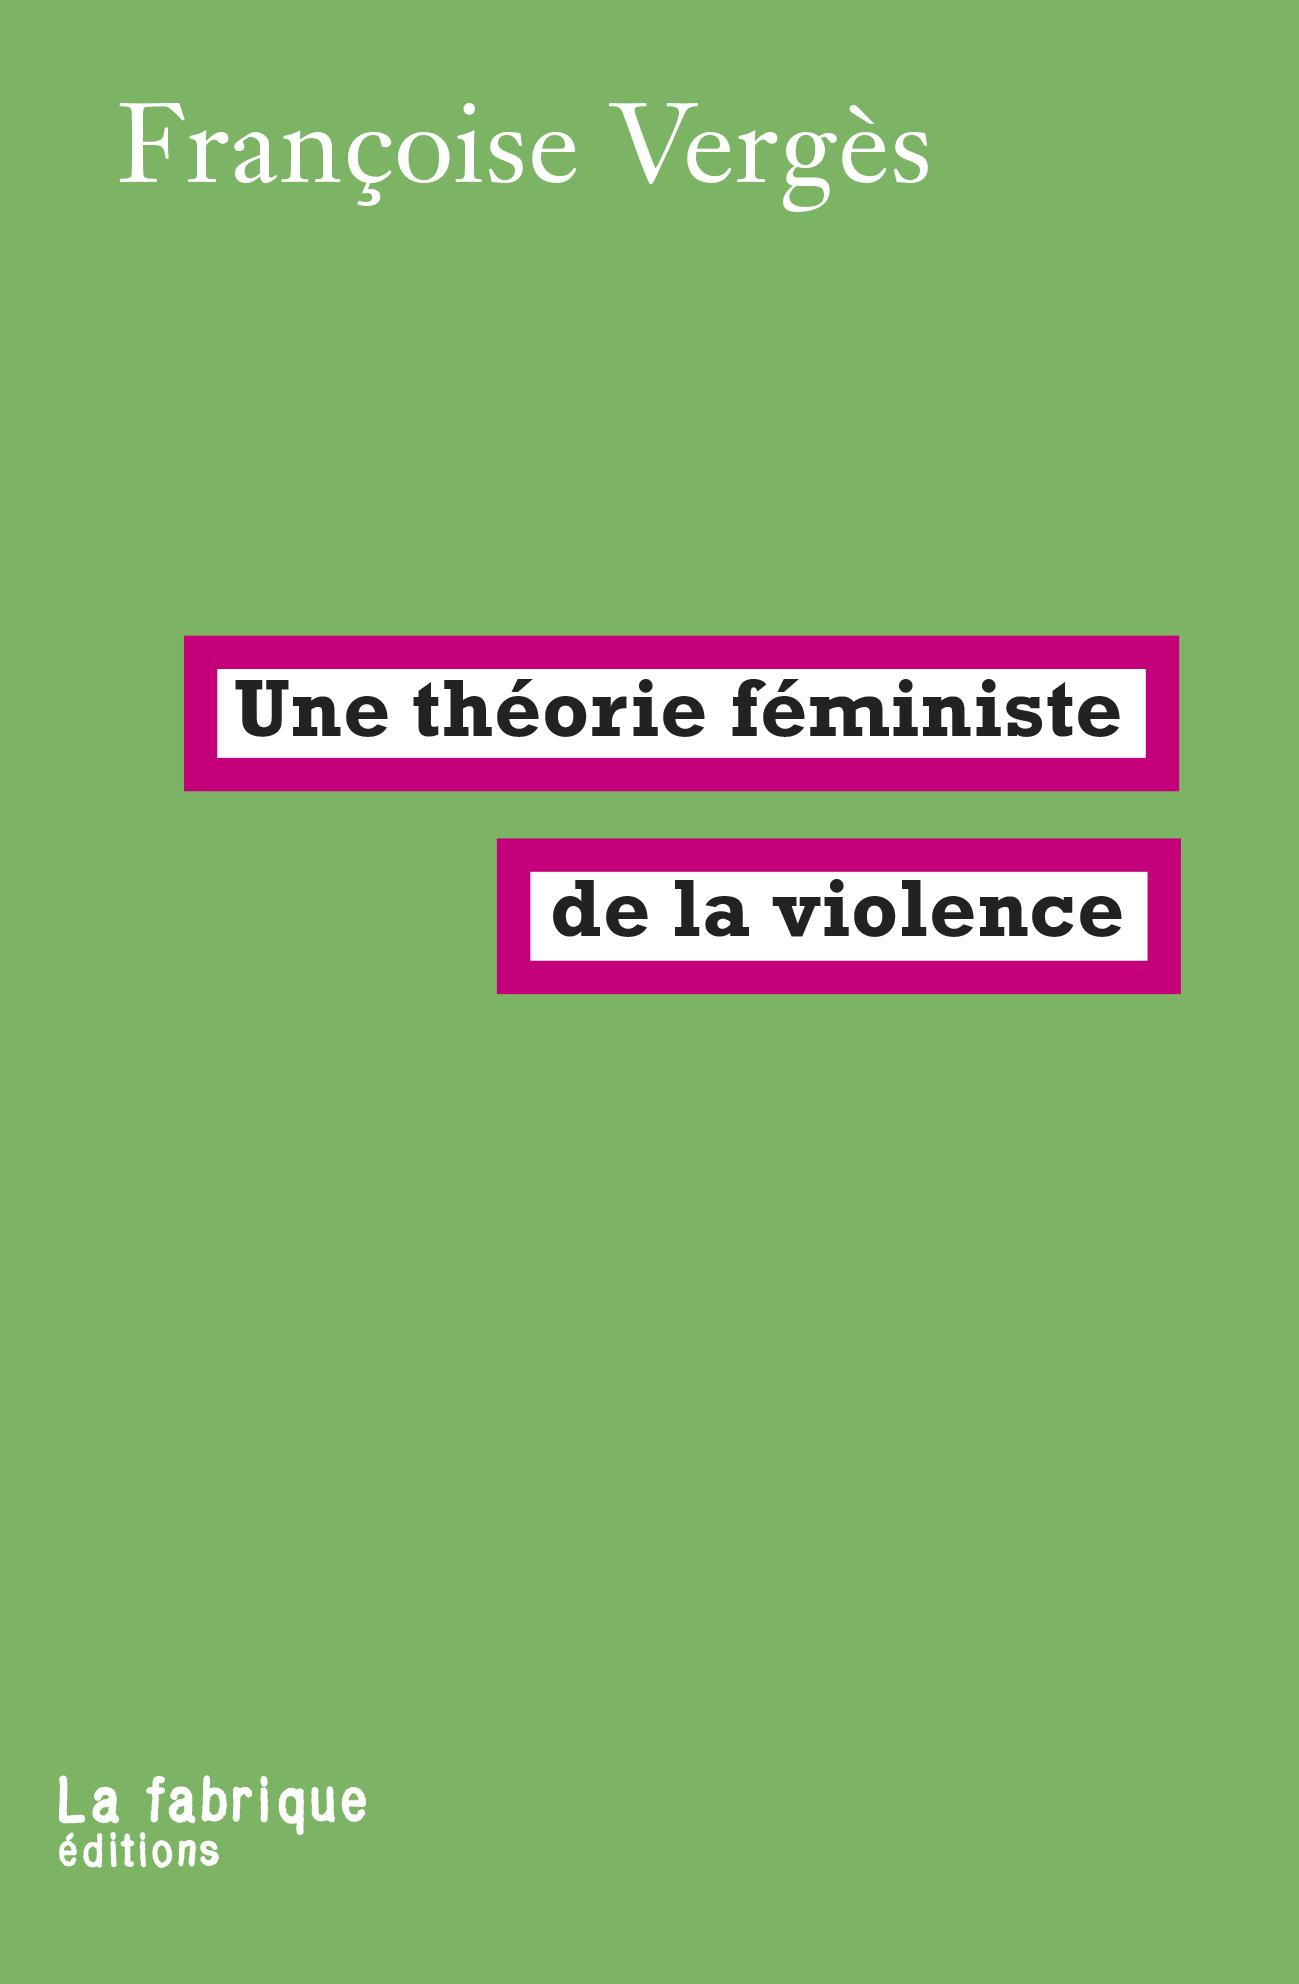 UNE THEORIE FEMINISTE DE LA VIOLENCE - POUR UNE POLITIQUE ANTIRACISTE DE LA PROTECTION